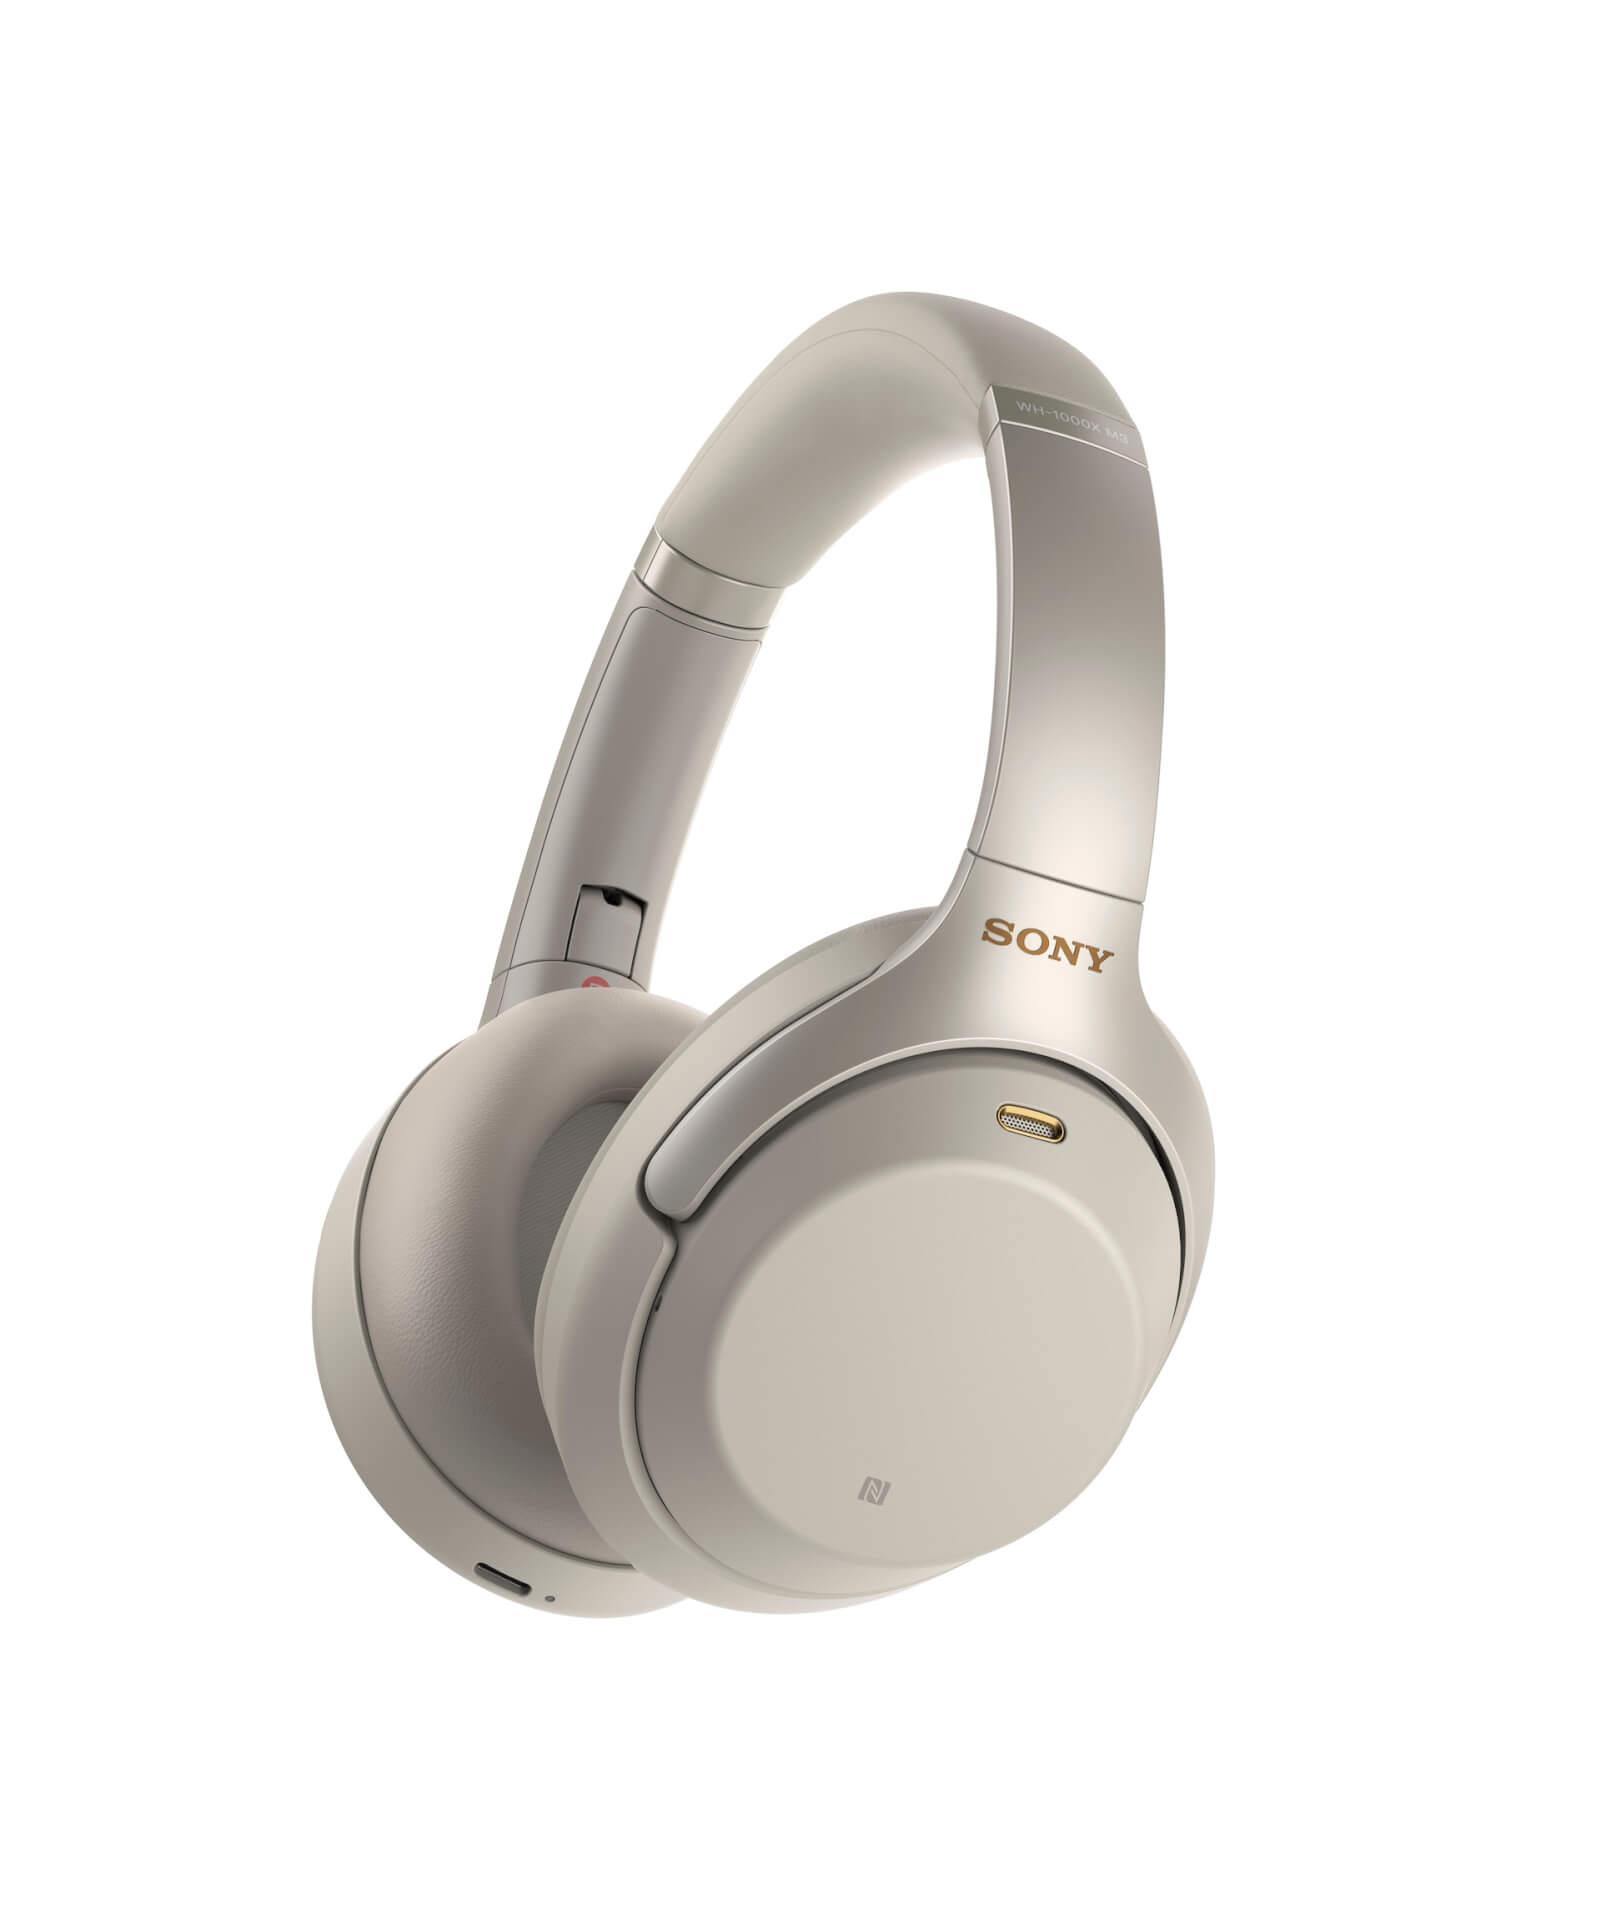 ソニーの大人気ノイズキャンセリングヘッドホン『WH-1000XM4』に限定カラーのサイレントホワイトが登場!LiSAを起用したKVも公開 tech210420_sony_headphone_1